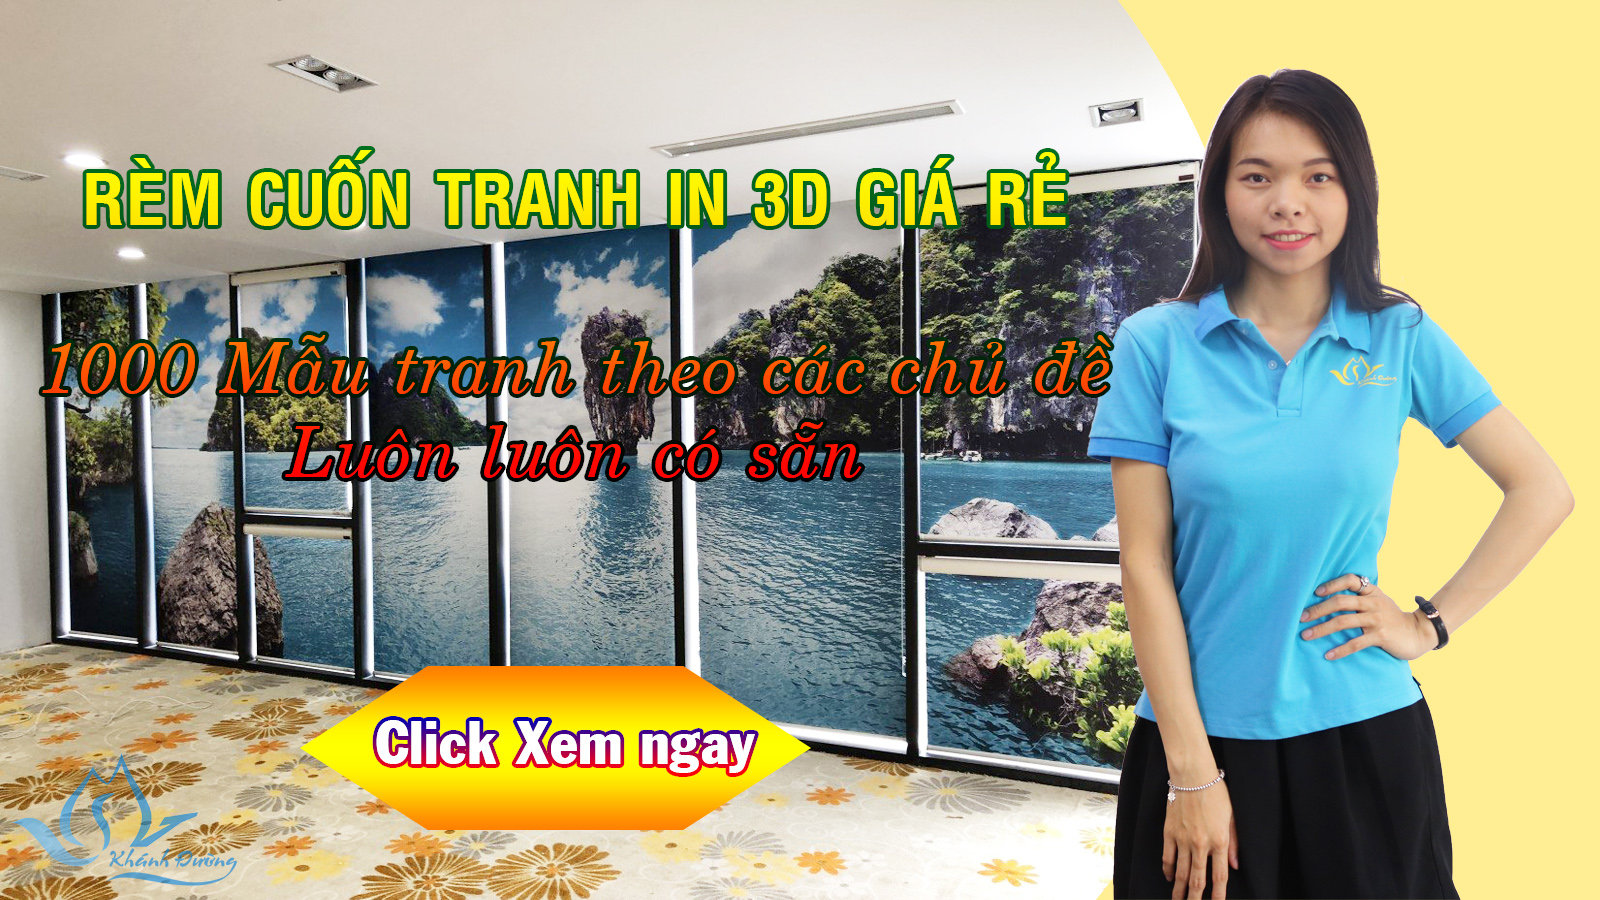 Rèm cuốn tranh in 3D siêu bền đẹp giá rẻ